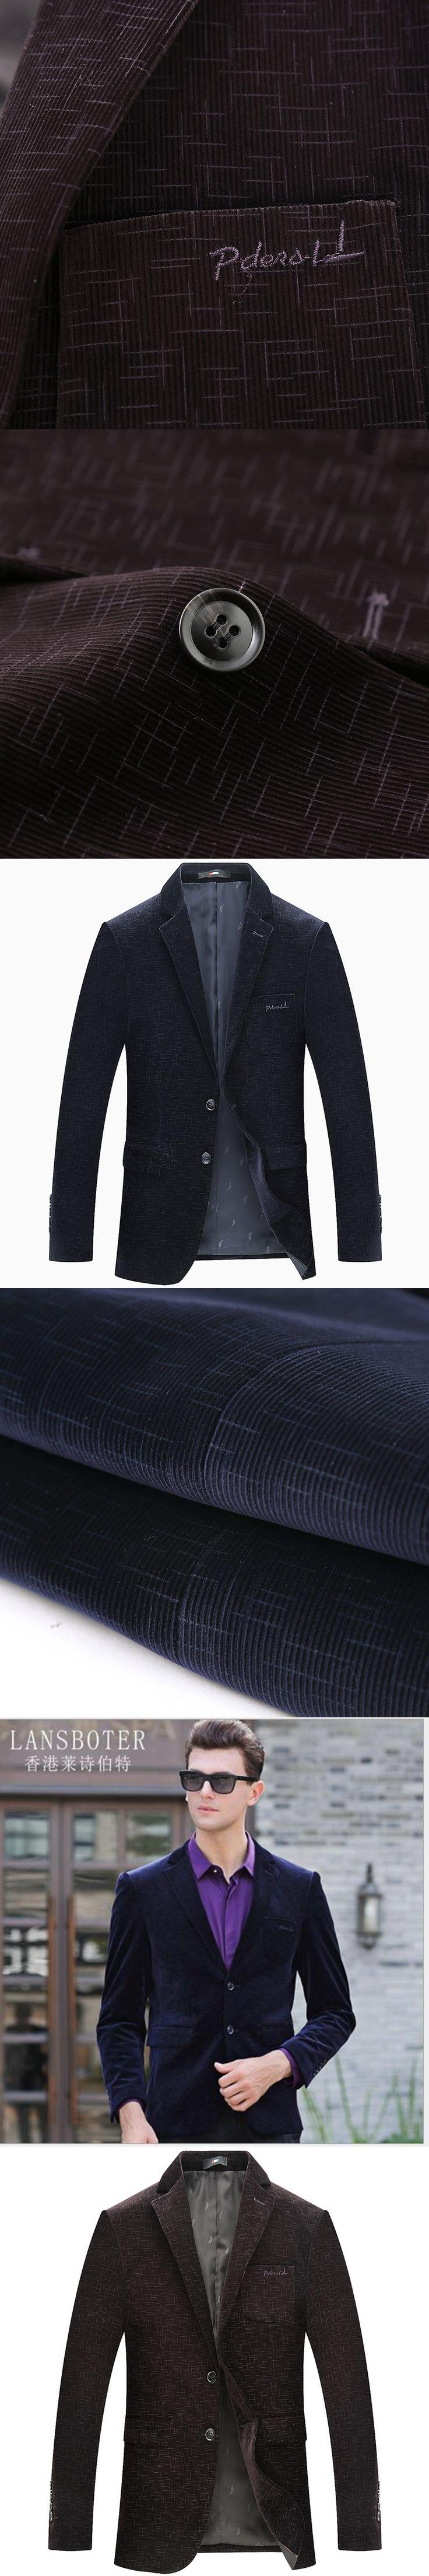 LANSBOTER suit 2017 autumn men's casual suit youth Slim fine pattern velvet suit jacket blue purple fashion suit 1771 1772